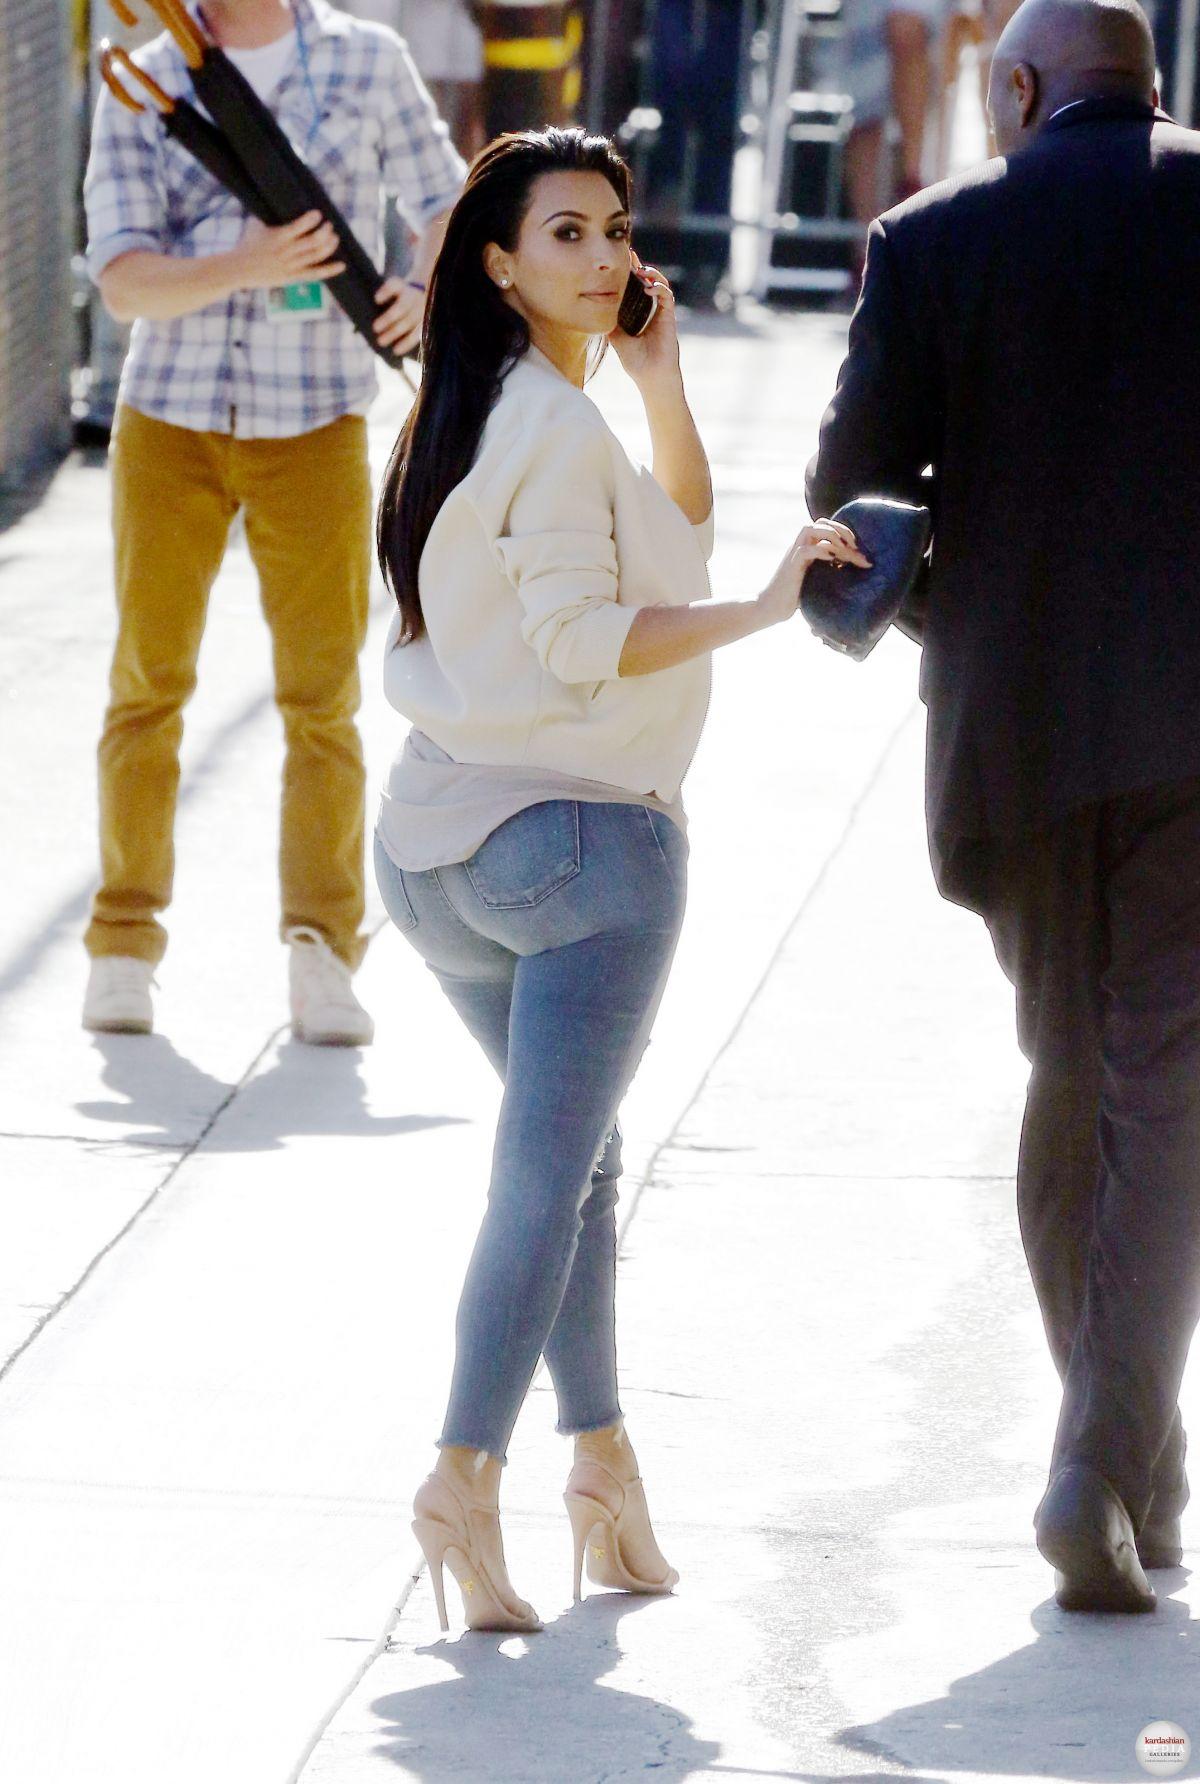 Kim Kardashian Ass In Jeans 25